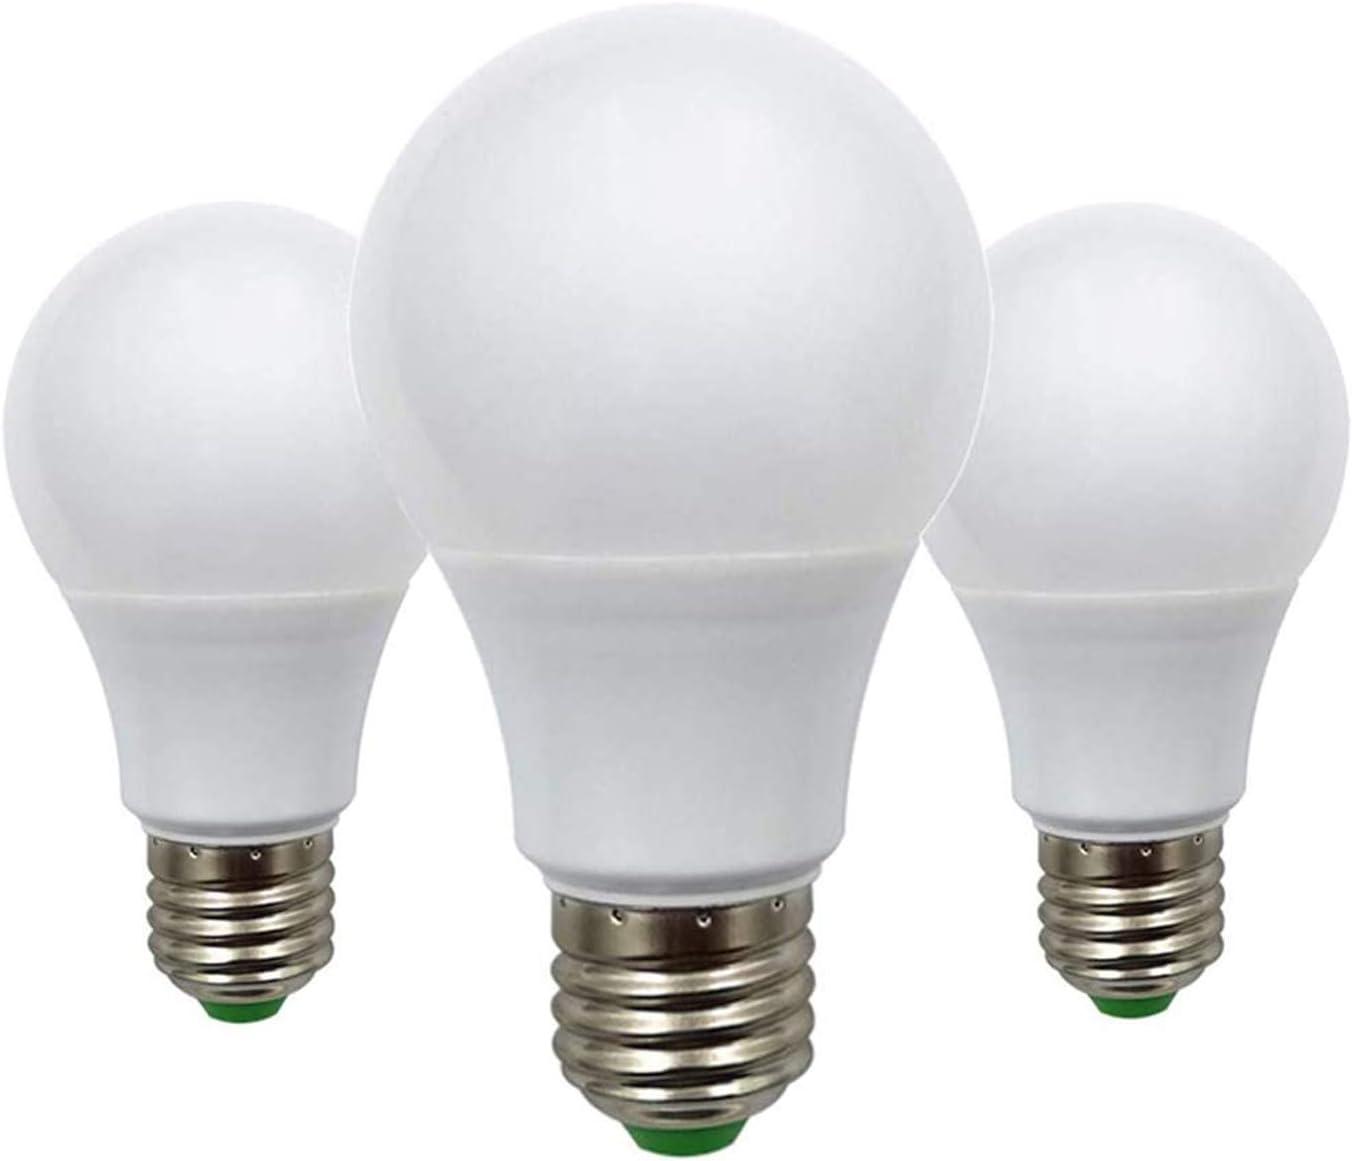 Bombilla LED Edison de 5 W, E27, 50 W, equivalente a A60 ES Globe, E26 E27, base de 12 V, bajo voltaje, ideal para iluminación solar de rejilla, barco, caravana, blanco cálido, 2700 K, paquete de 3